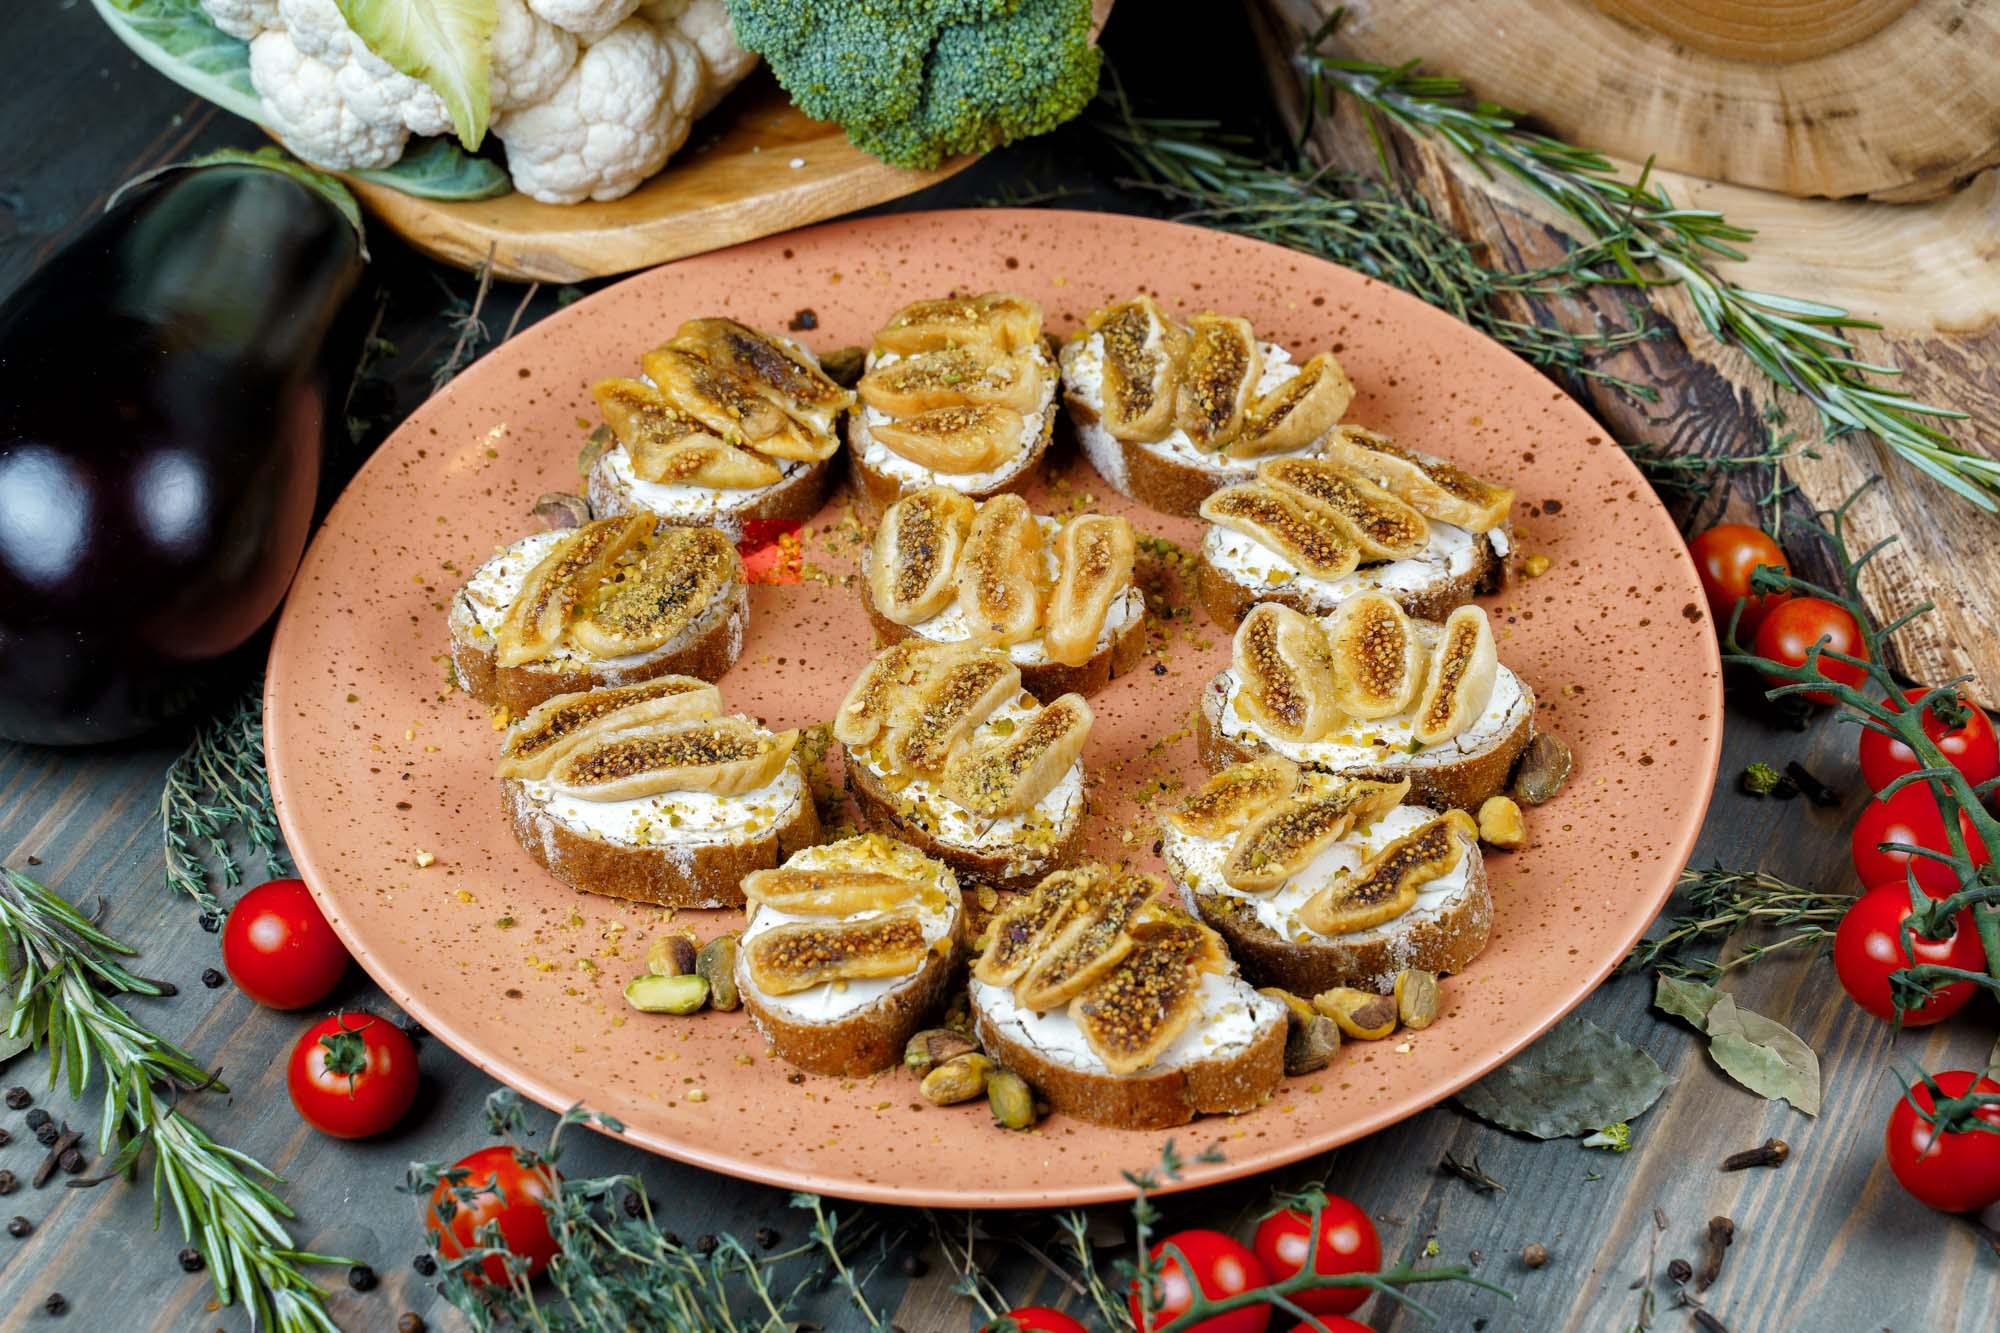 СЕТ №53 Творожный сыр с фисташками и вяленым инжиром, на ржаной брускетте 12 шт по 35 гр